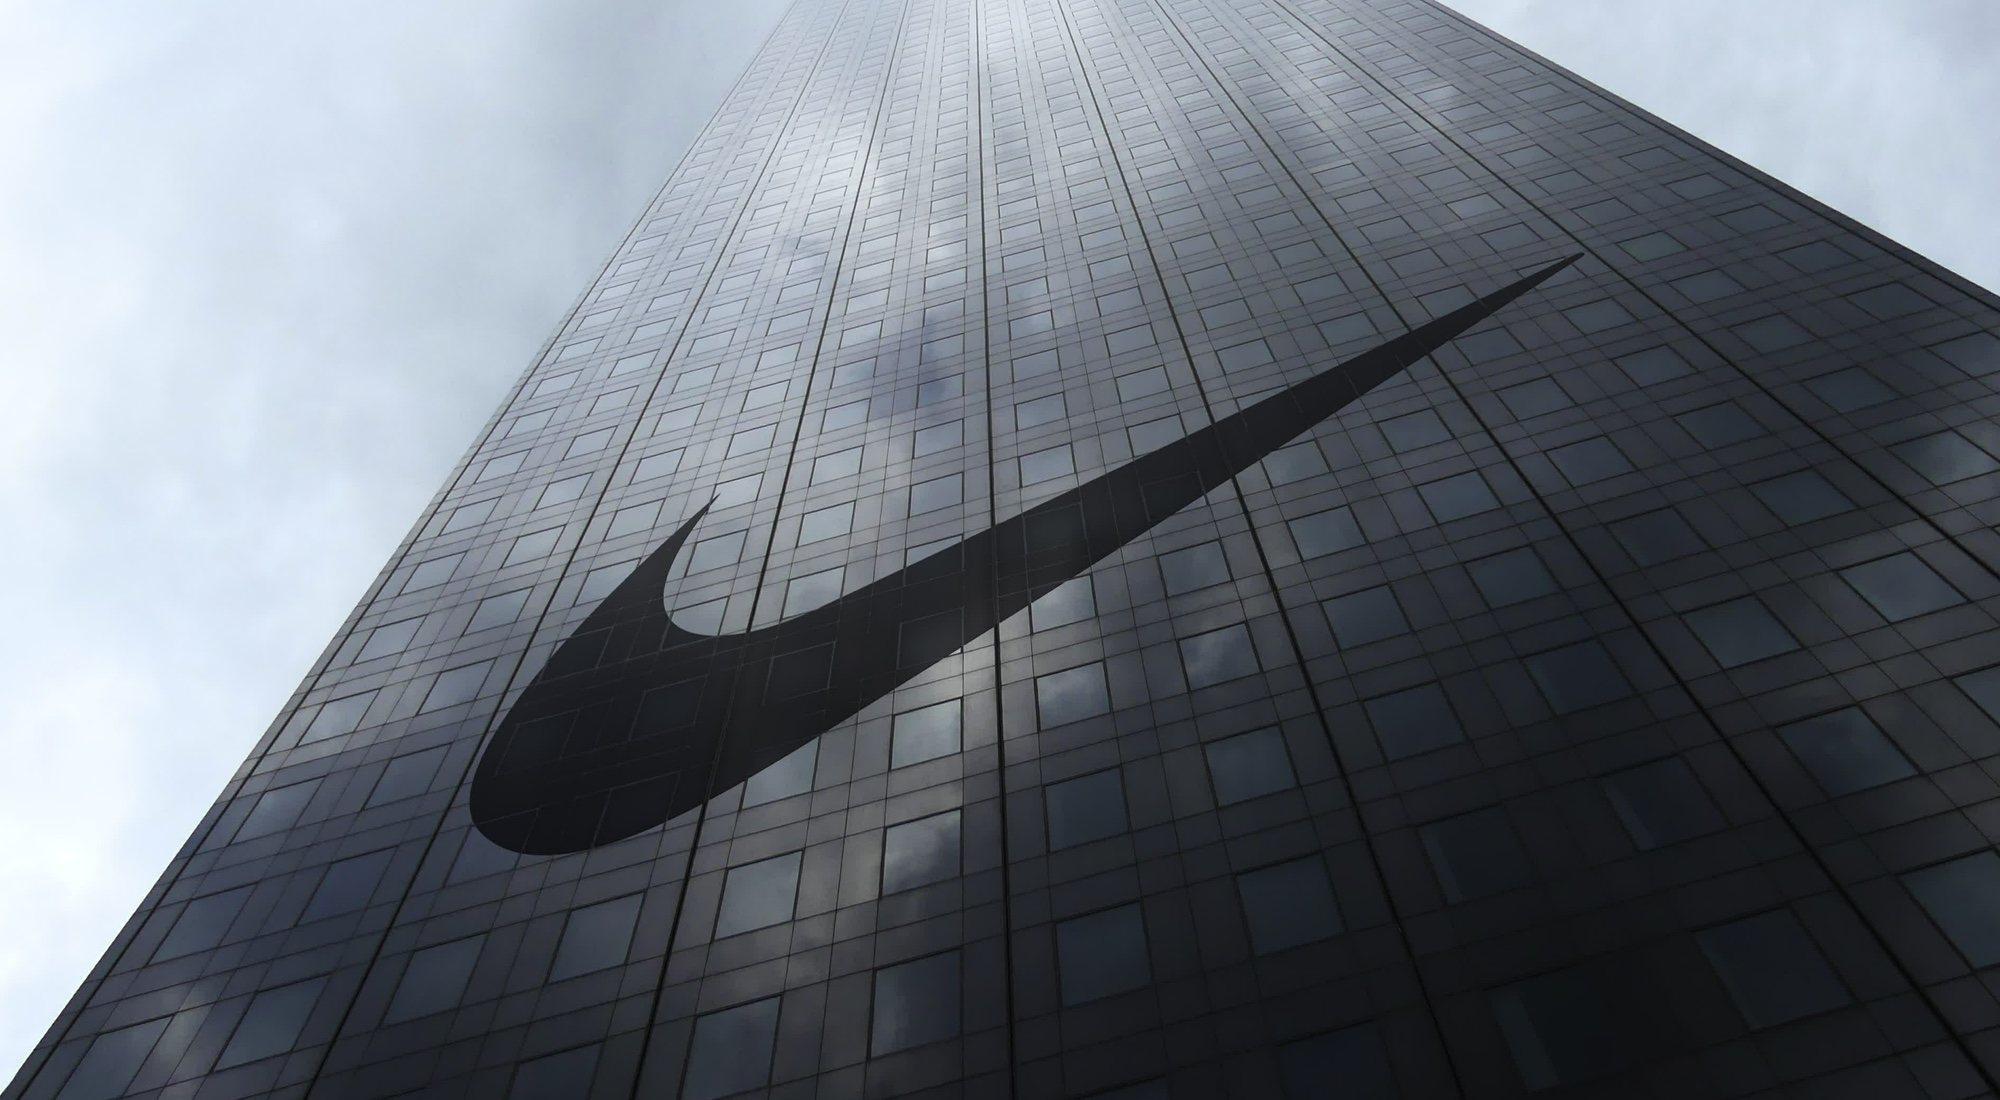 Nike y Zion Williamson, o cómo un universitario puede hacerte perder 1.100 millones de dólares